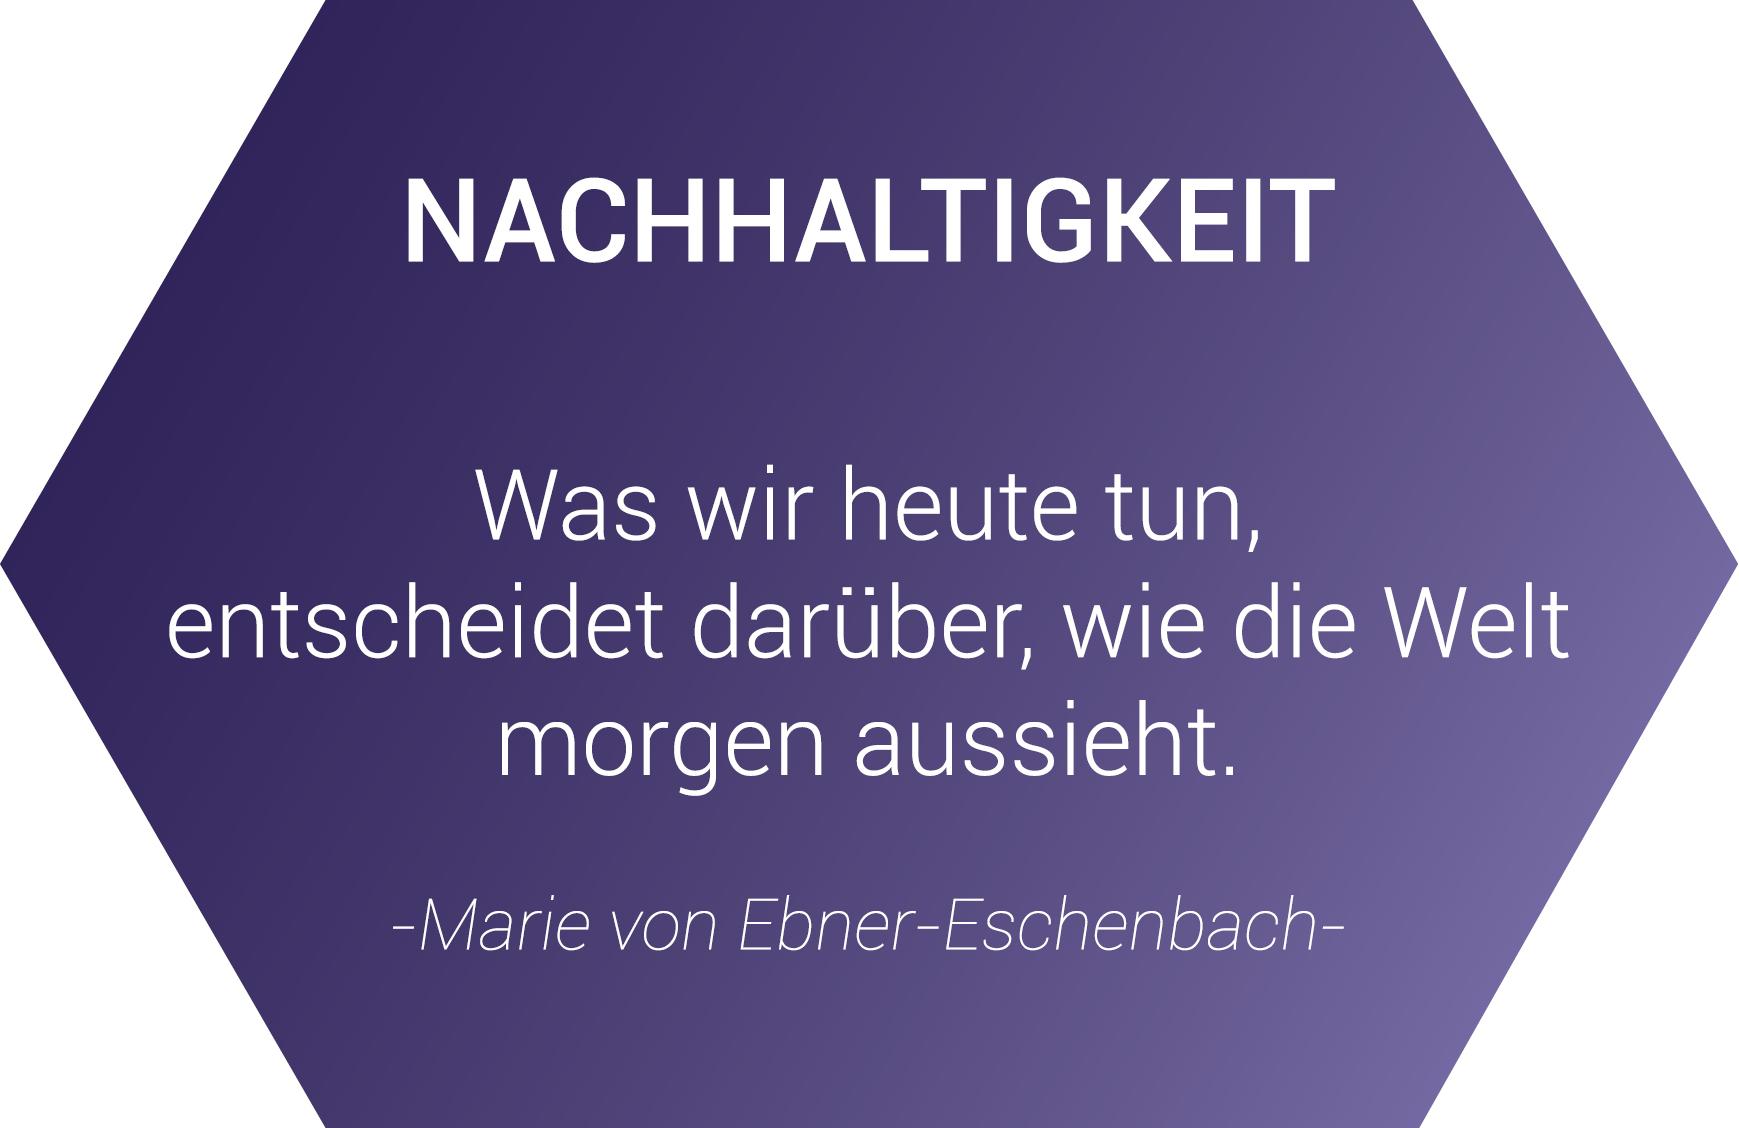 Nachhaltigkeit - Was wir heute tun, eintscheidet darüber, wie die Welt morgen aussieht. - Zitat von Marie von Ebner-Eschenbach